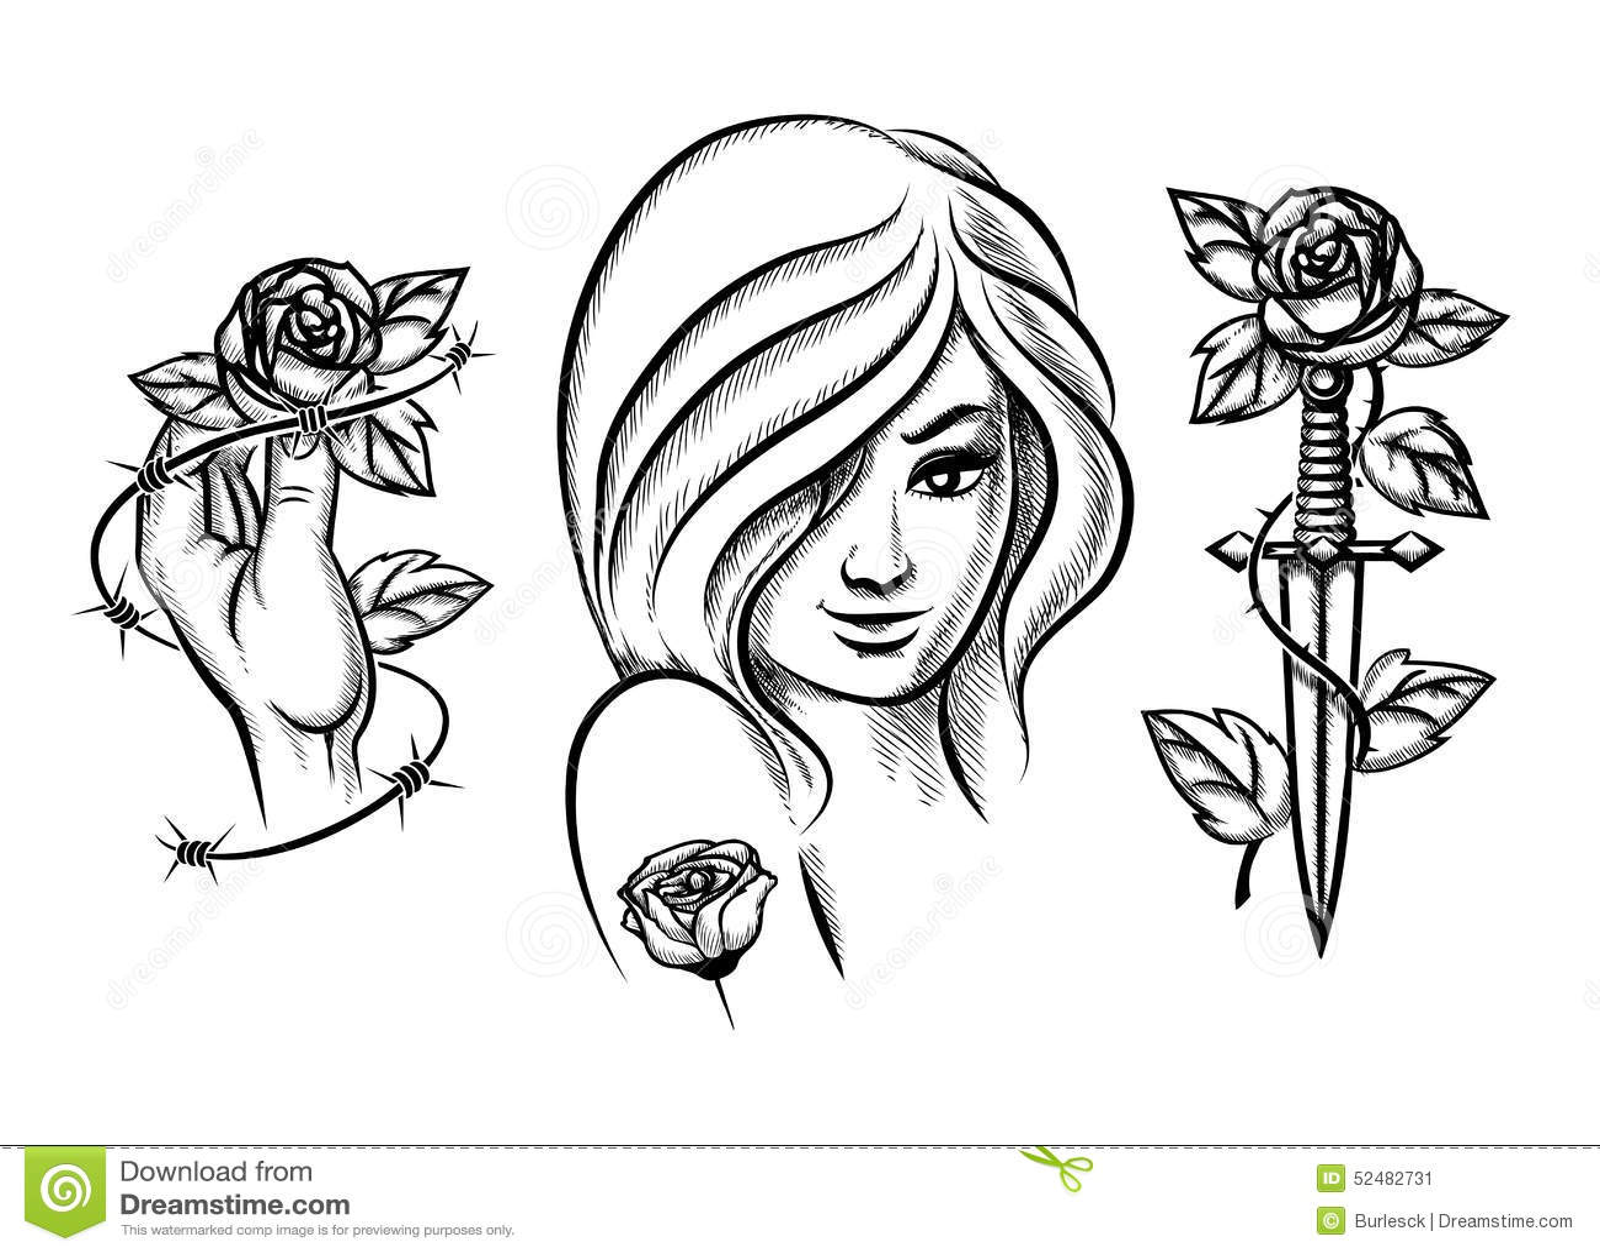 Tatuaże Piękno Dziewczyna Nóż Różany I Drut Kolczasty